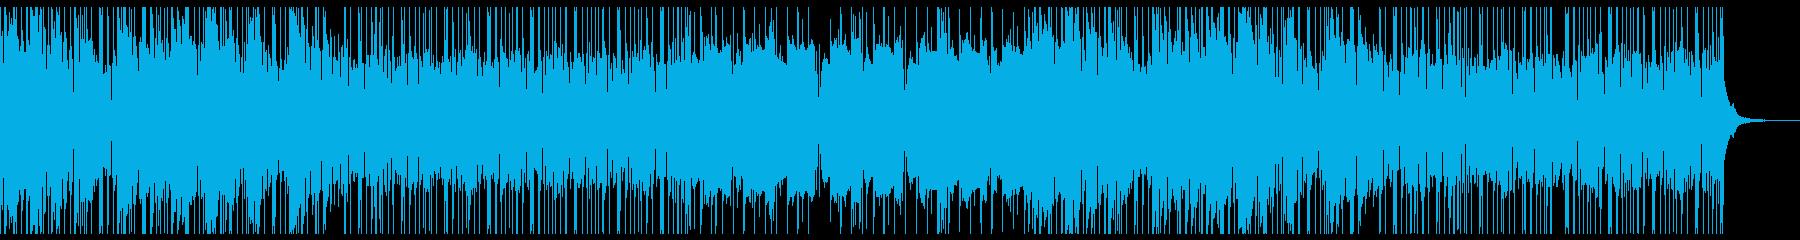 ギターとシンセを使ったサイケなエレポップの再生済みの波形